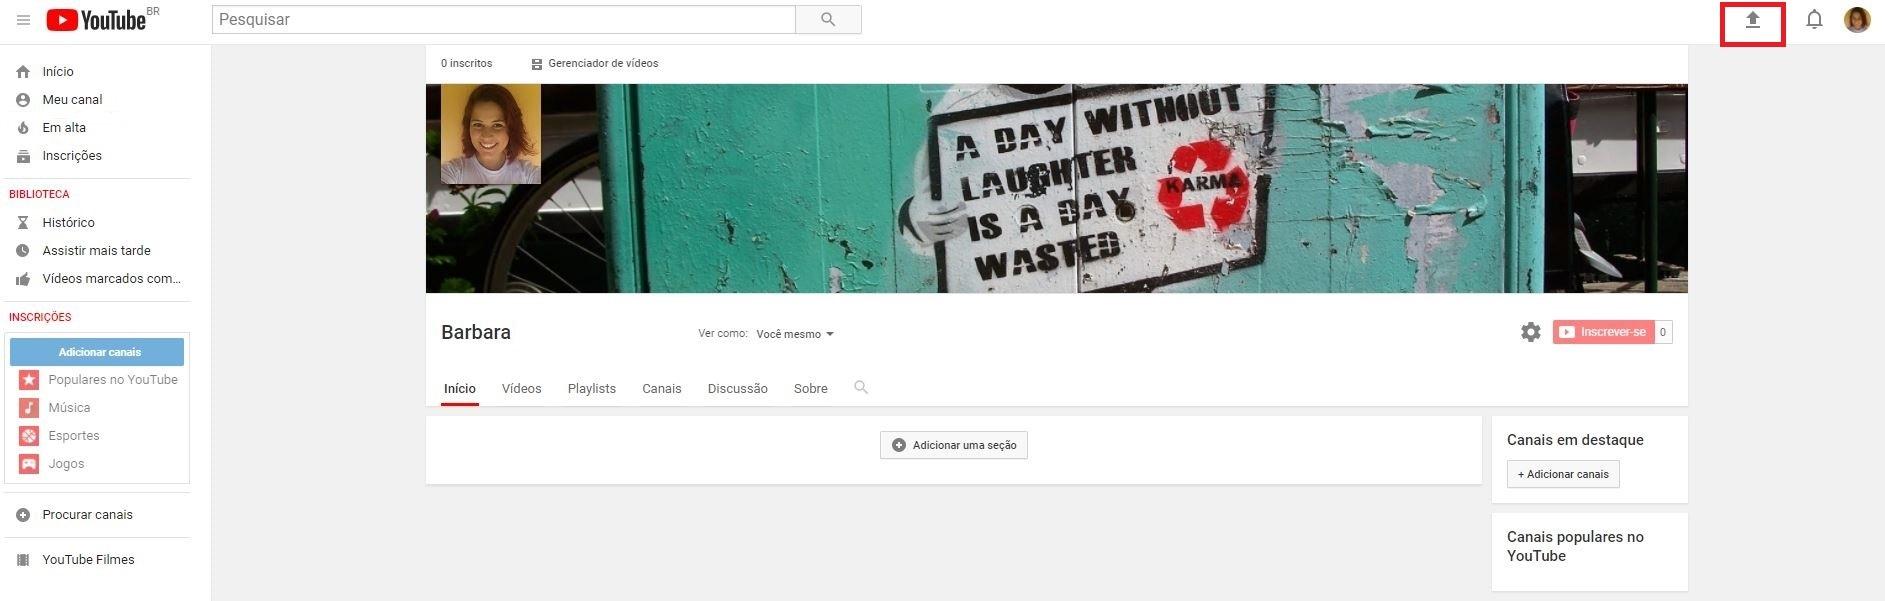 criar um canal no YouTube - imagem indicando o botão de fazer upload de vídeos